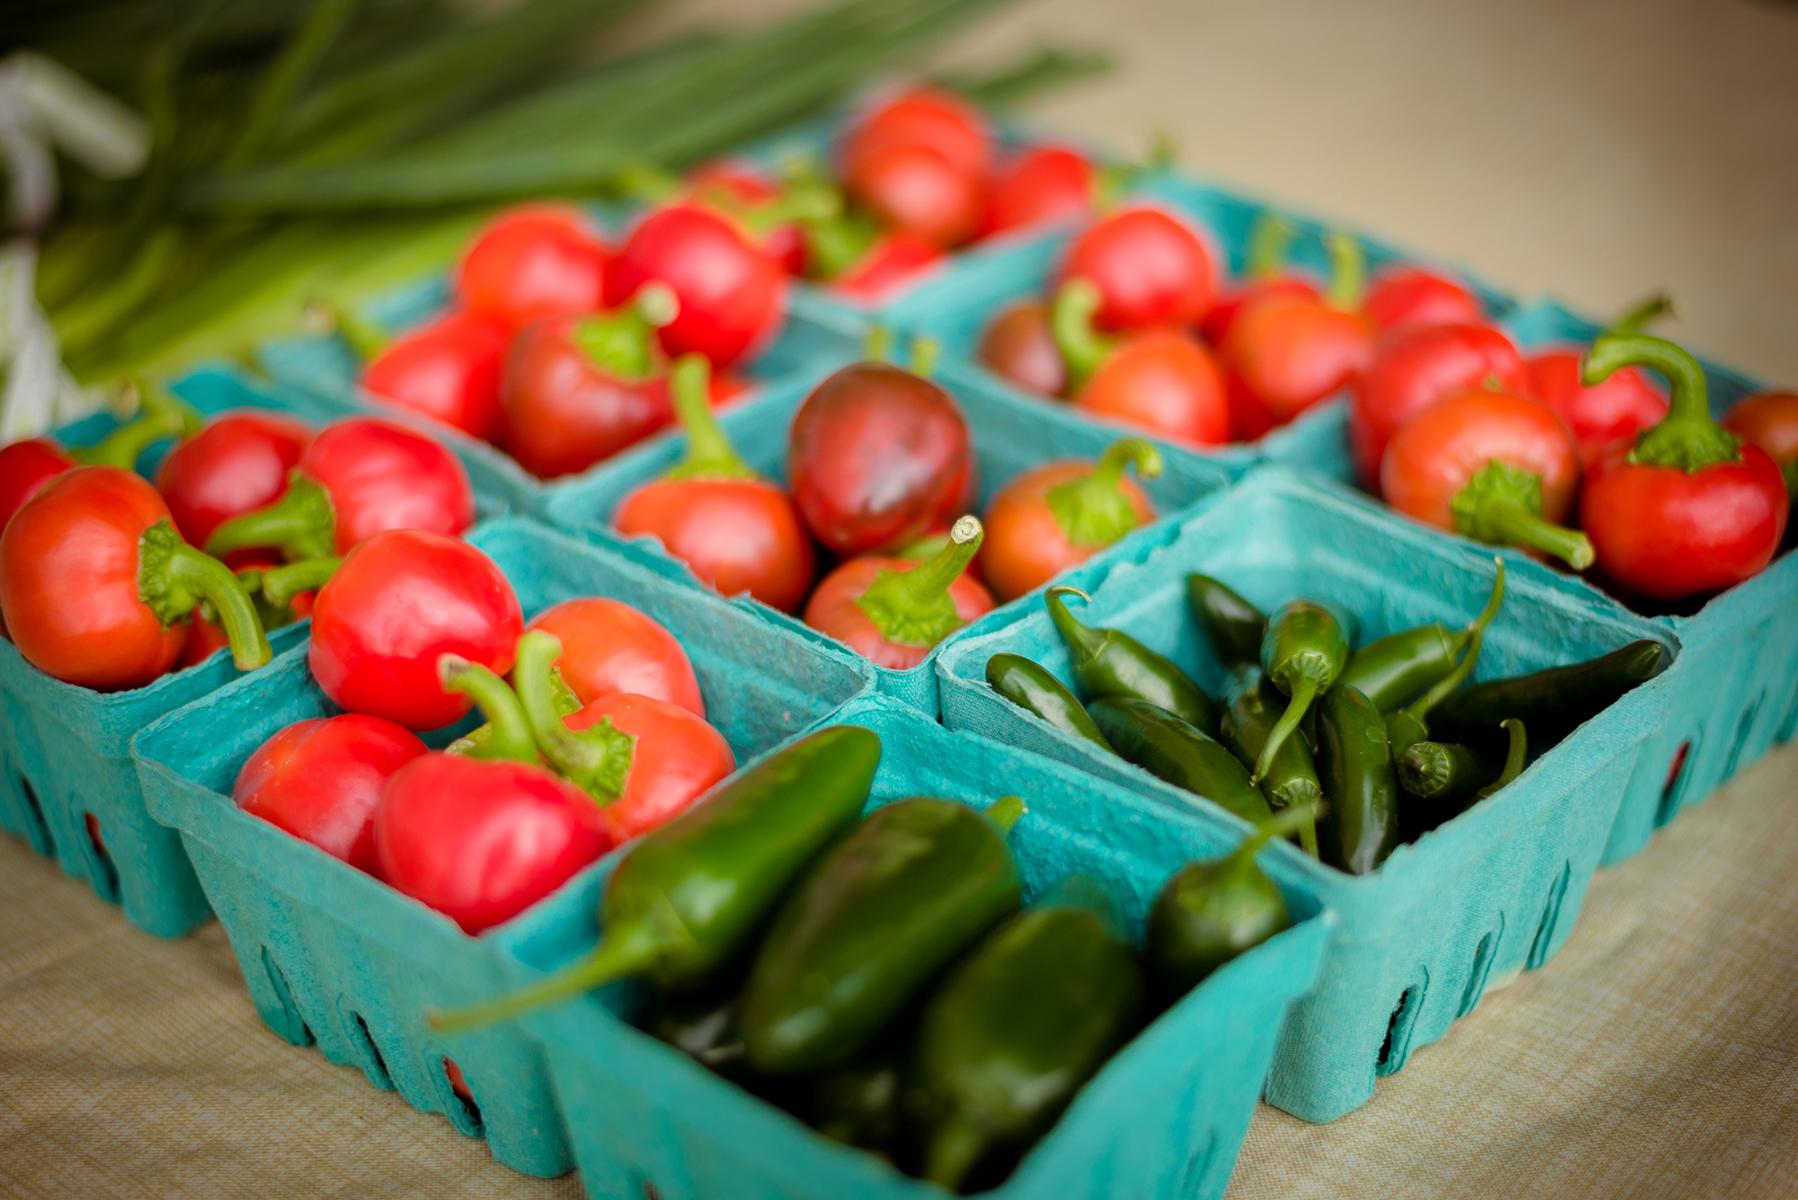 farmers_market_peppers.jpg